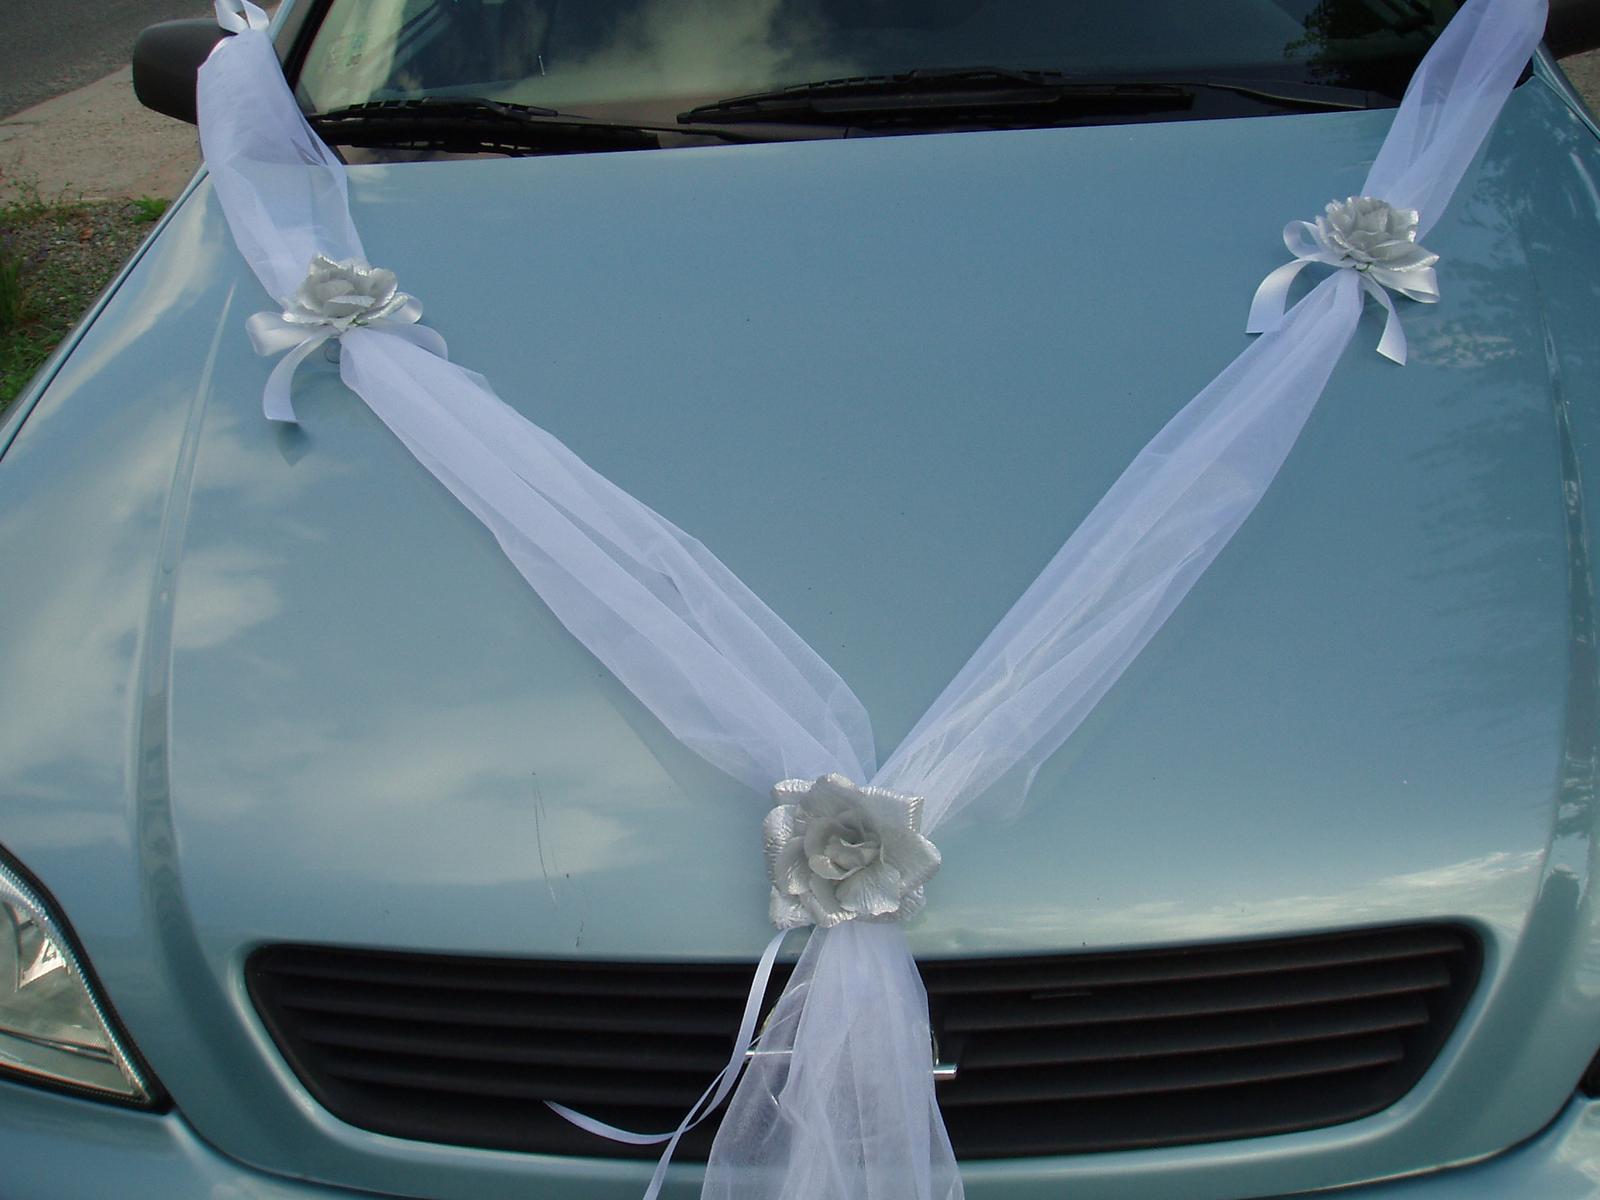 Bílo-stříbrné dekorace na auto - Obrázek č. 11